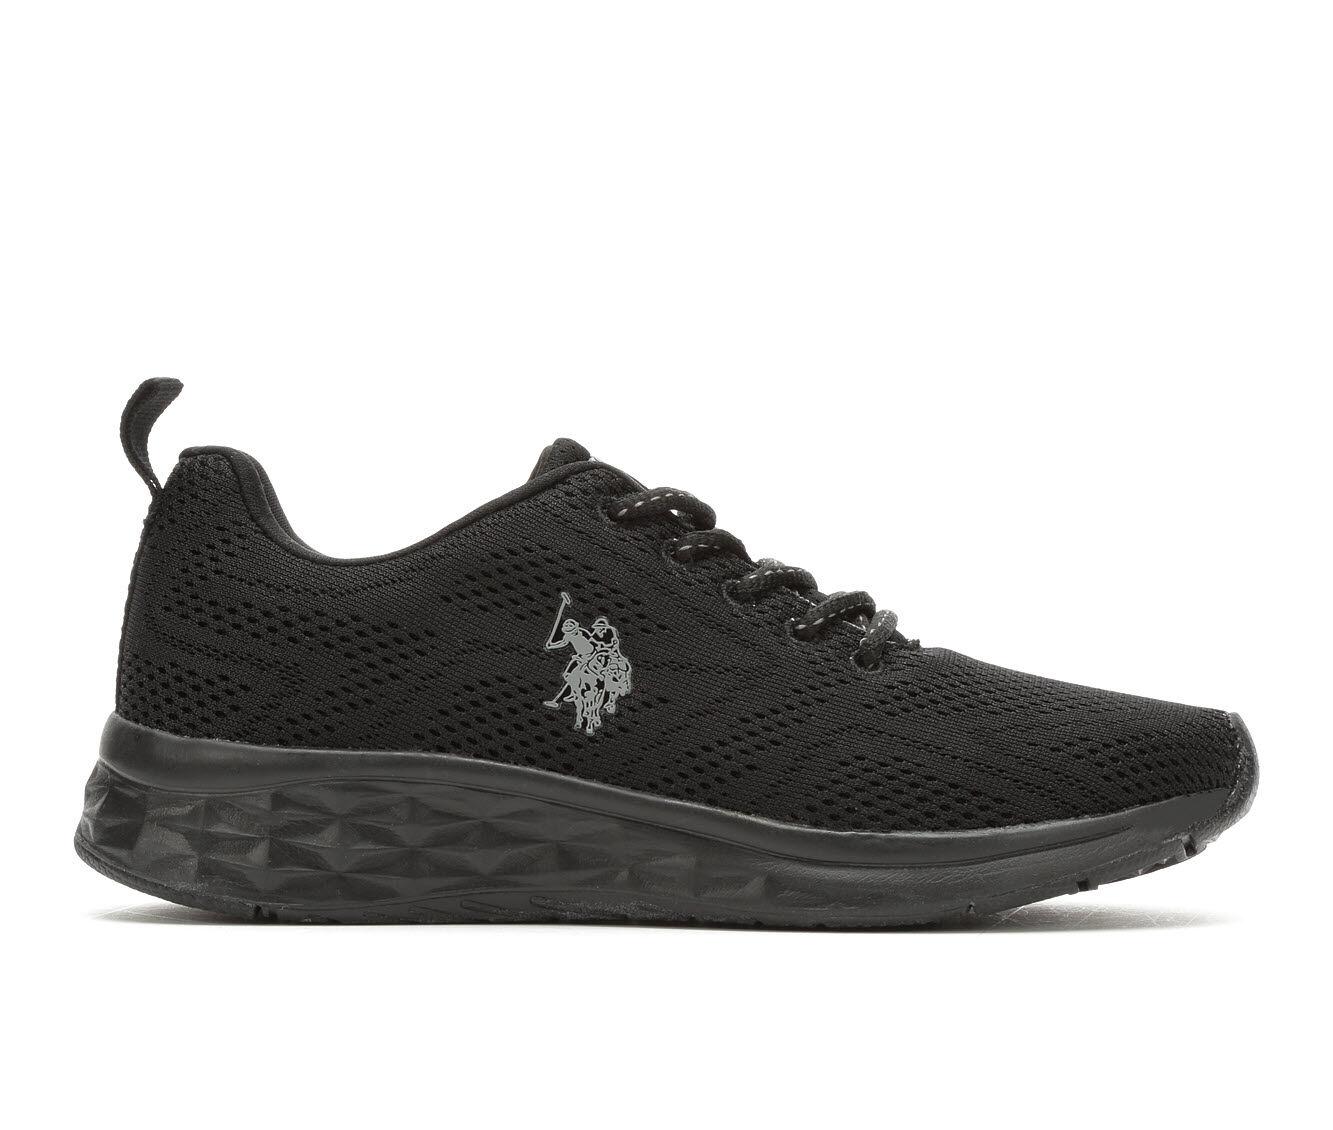 Women's US Polo Assn Anita Sneakers Blk/Dk Gry/Blk